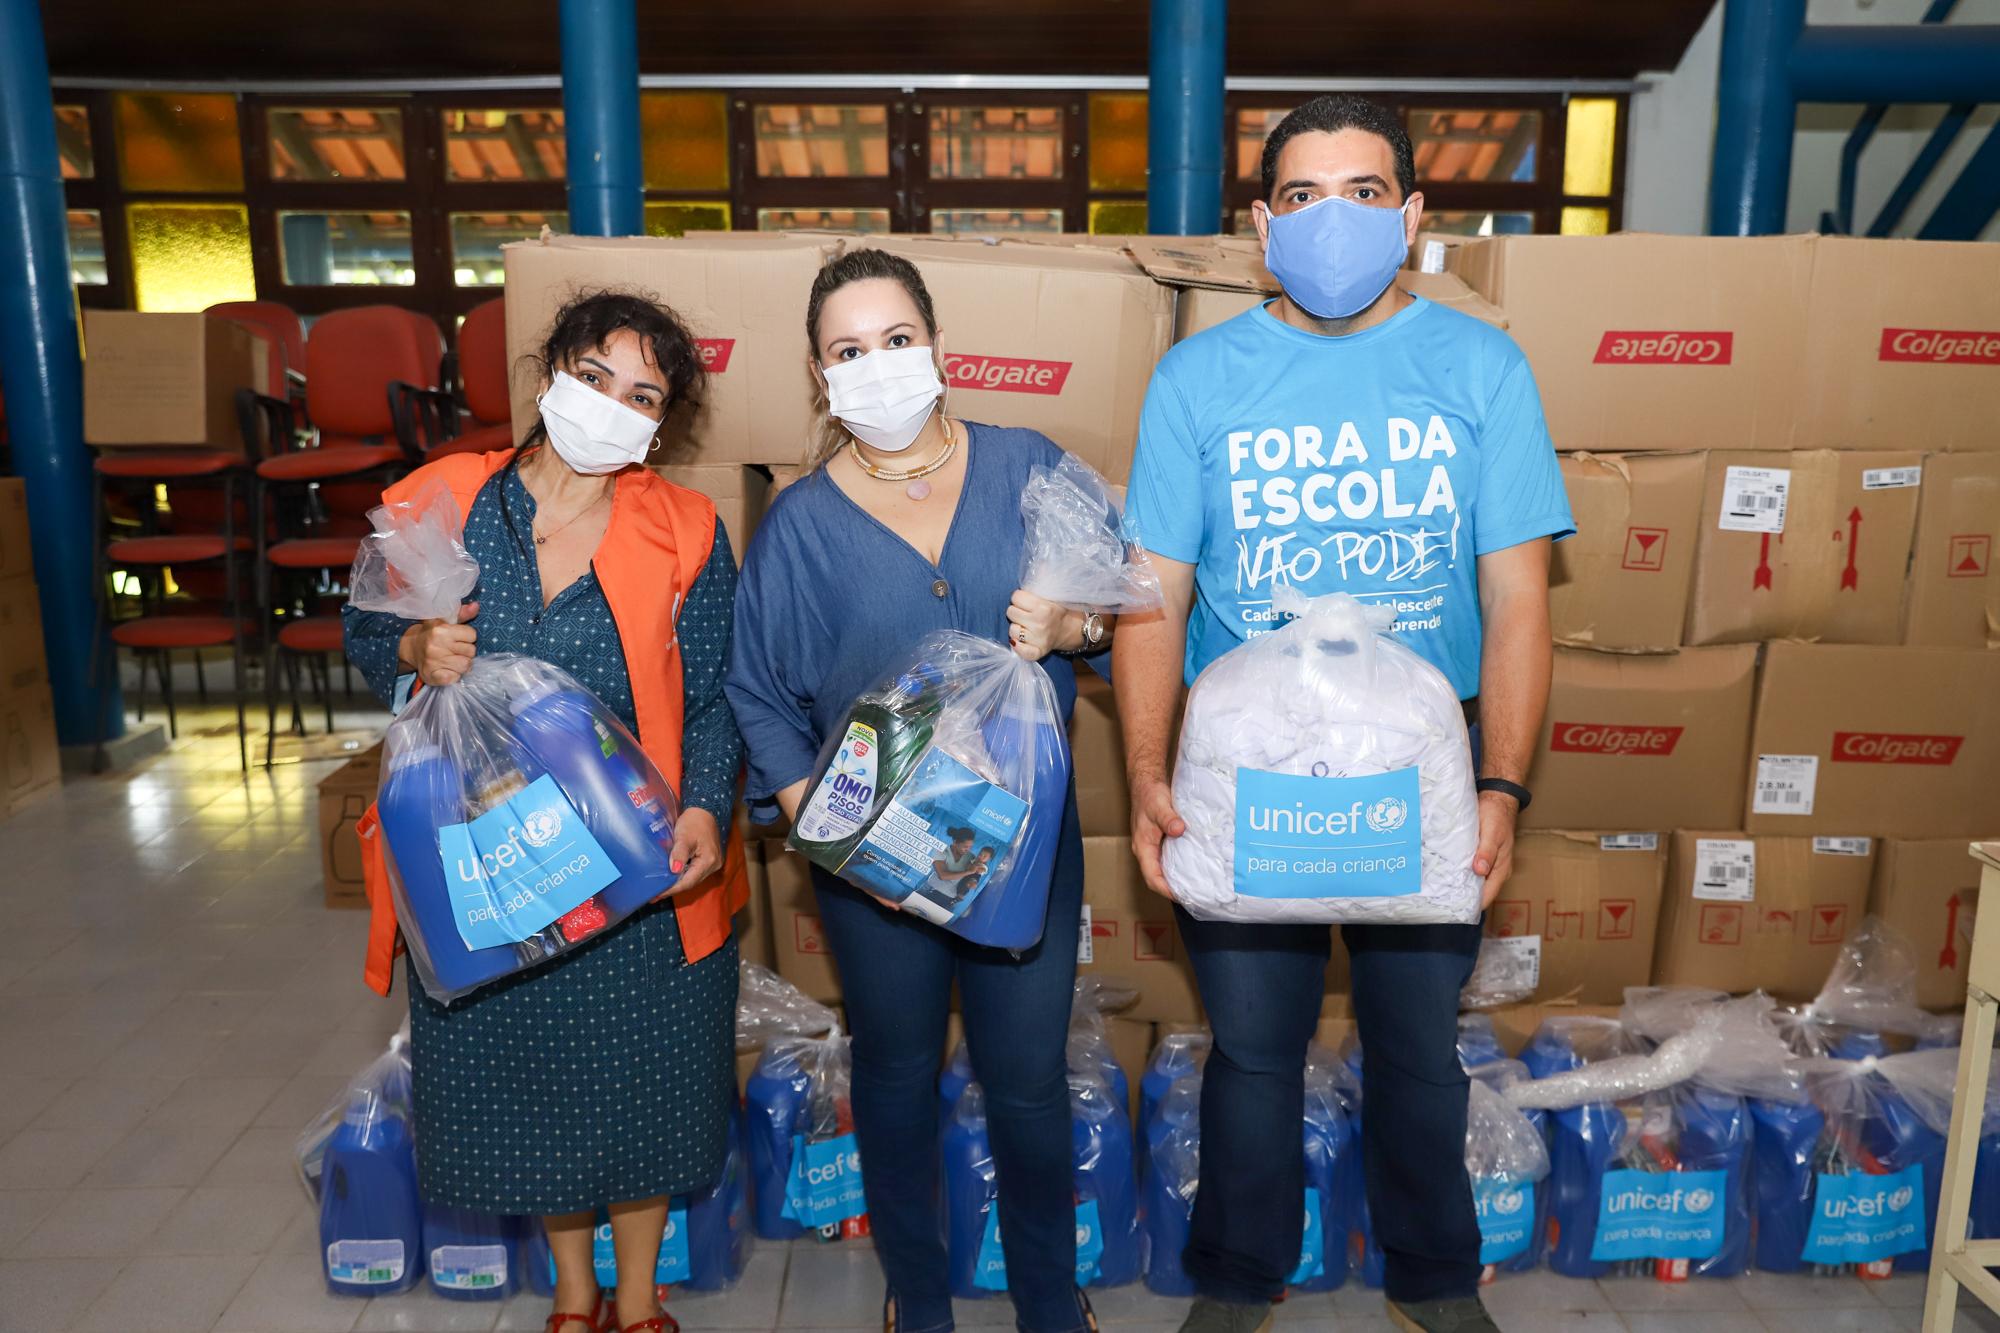 Unicef e Aldeias SOS doam kits de higiene, máscaras e rádios analógicos para acolhidos venezuelanos